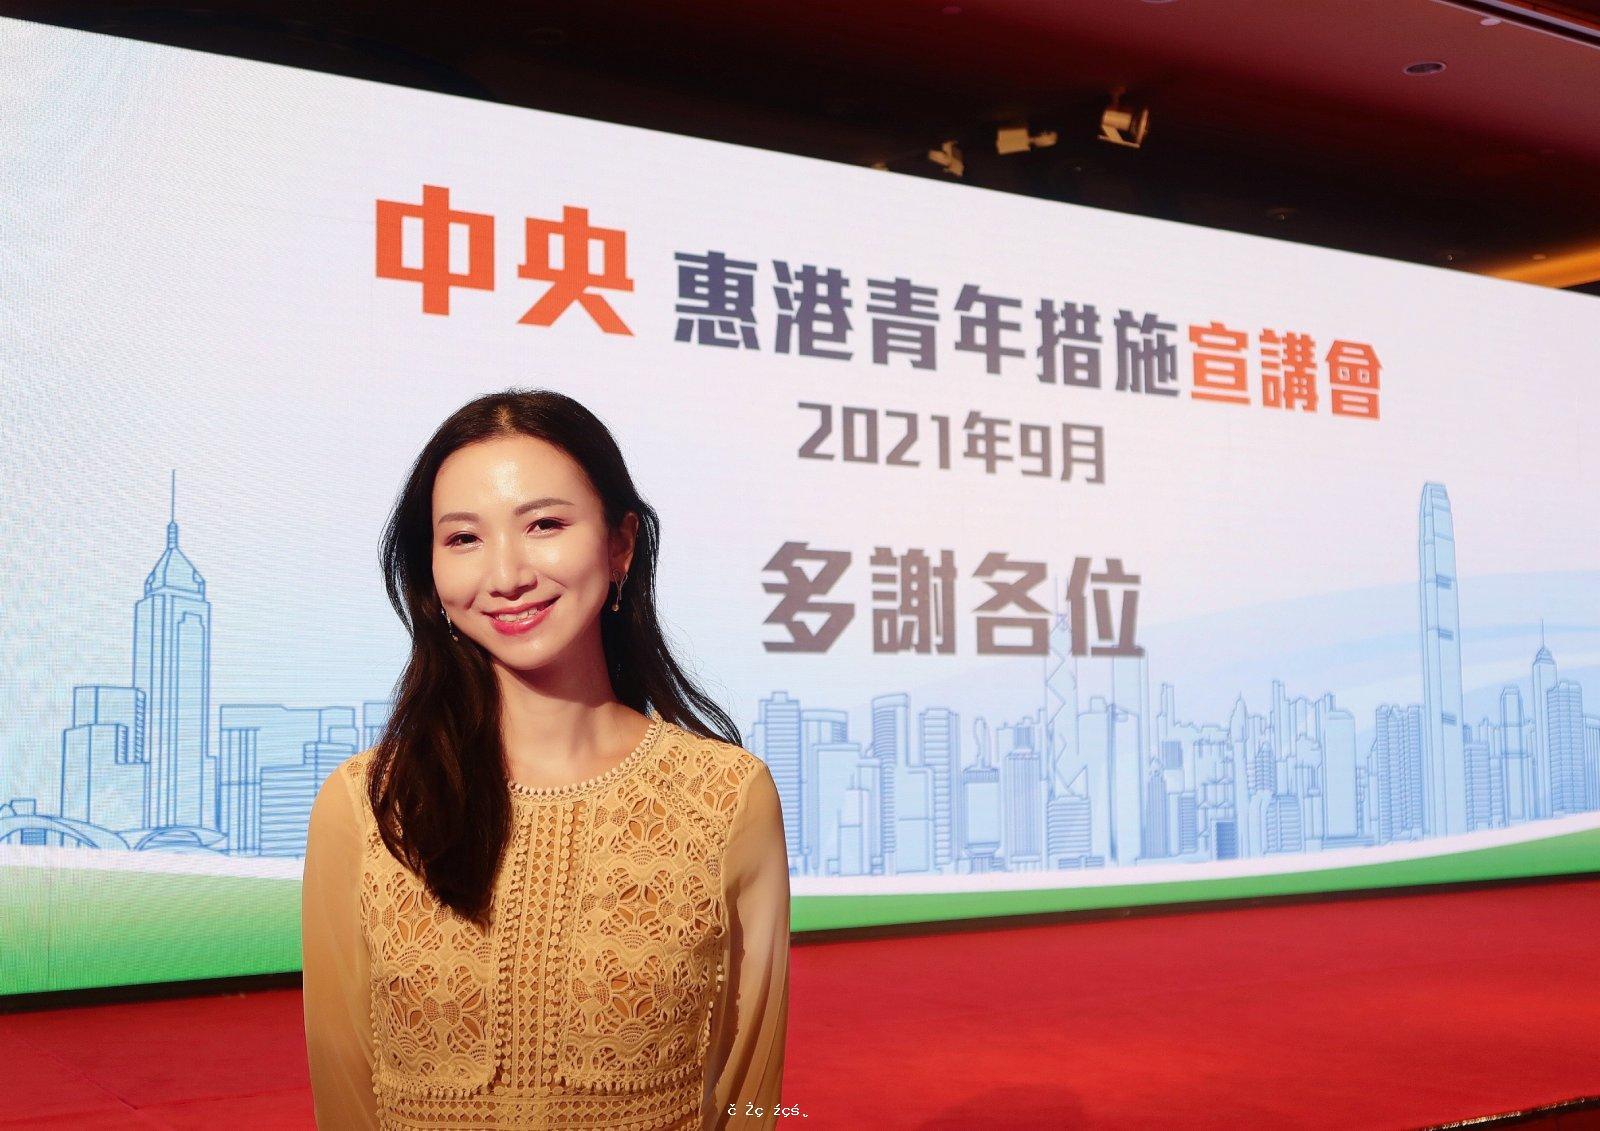 中央出台8措施惠港青 眾代表籲把握機遇